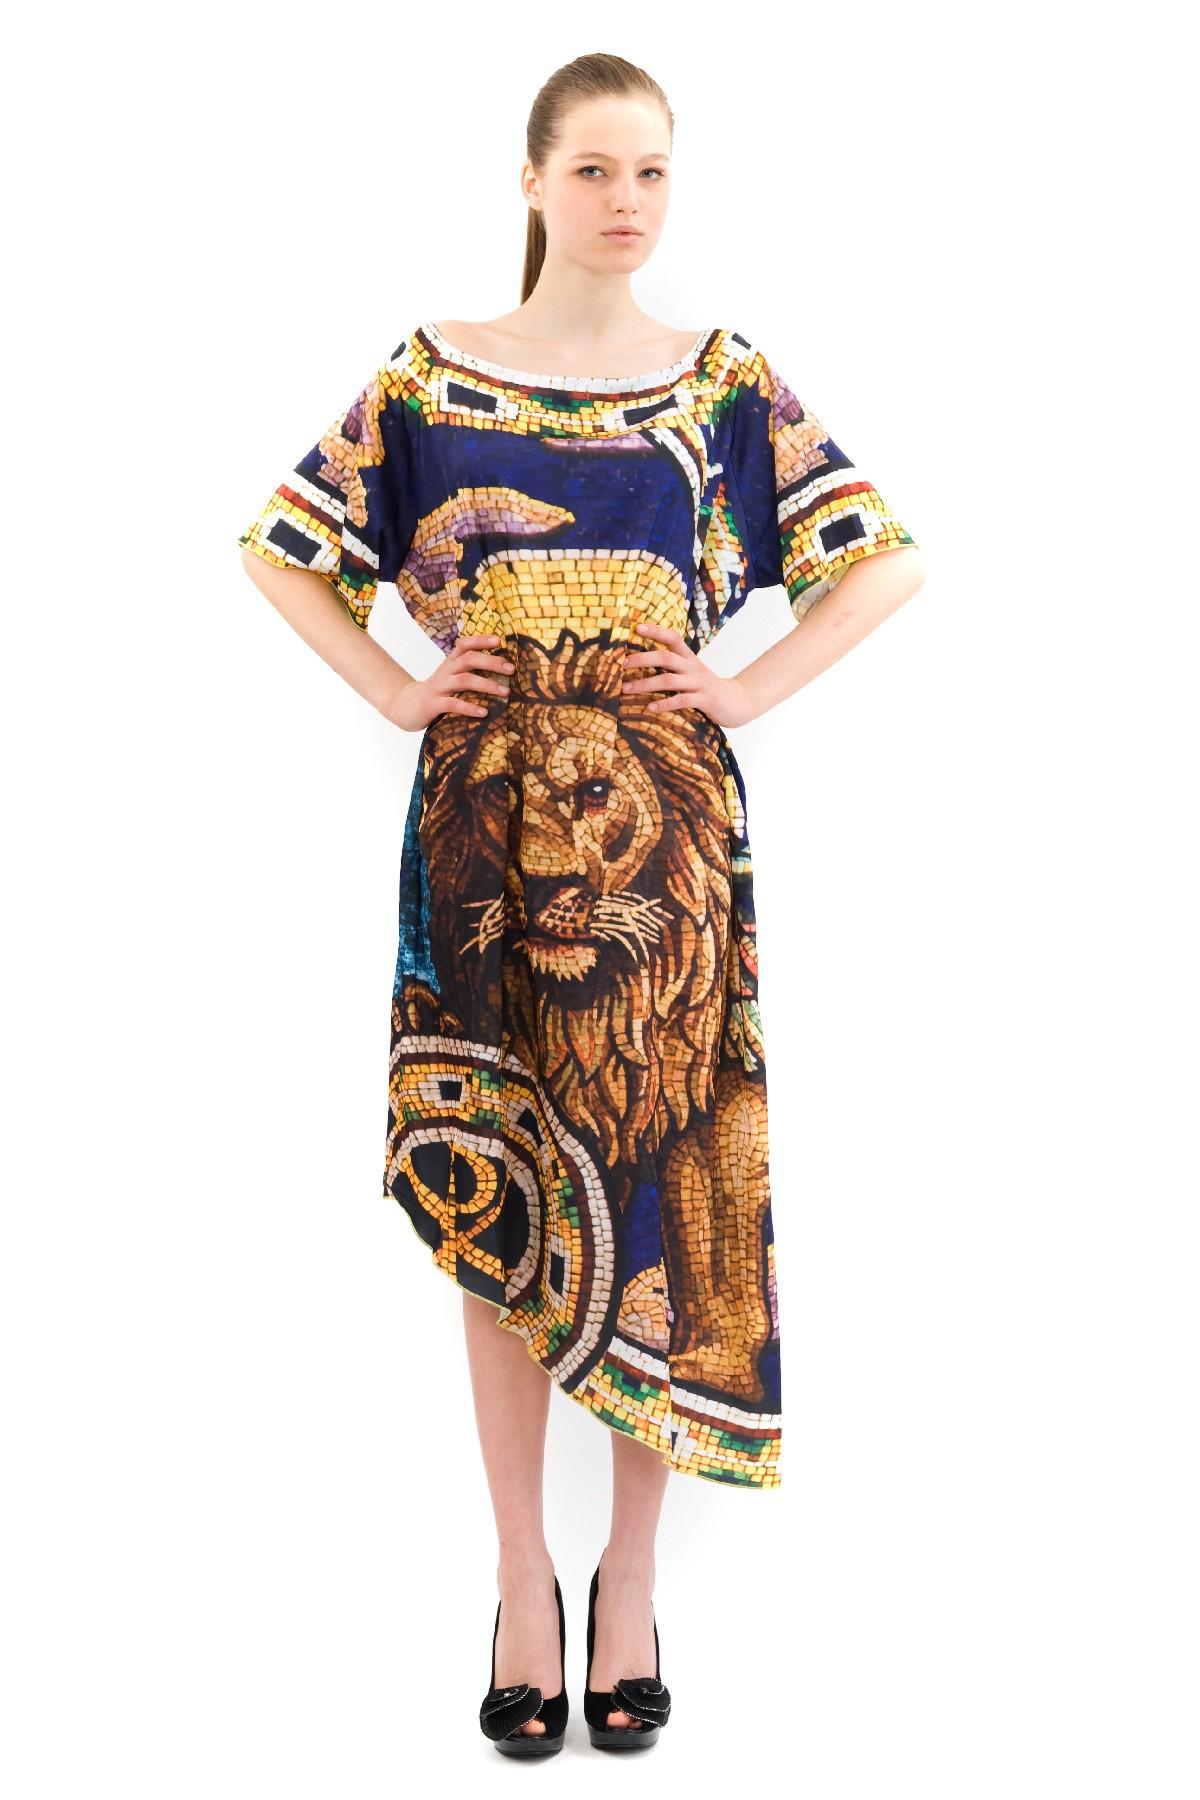 ПлатьеПлатья,  сарафаны<br>Эффектное длинное платье Doctor E, украшенное ярким контрастным принтом. Прекрасный вариант для модных женщин, желающих подчеркнуть свою индивидуальность и хороший вкус. В этом платье Вы всегда будете в центре внимания. коллекция Троя дизайнера Павла Ер<br><br>Цвет: синий,желтый<br>Состав: 100% полиэстер<br>Размер: 40,42<br>Страна дизайна: Россия<br>Страна производства: Россия